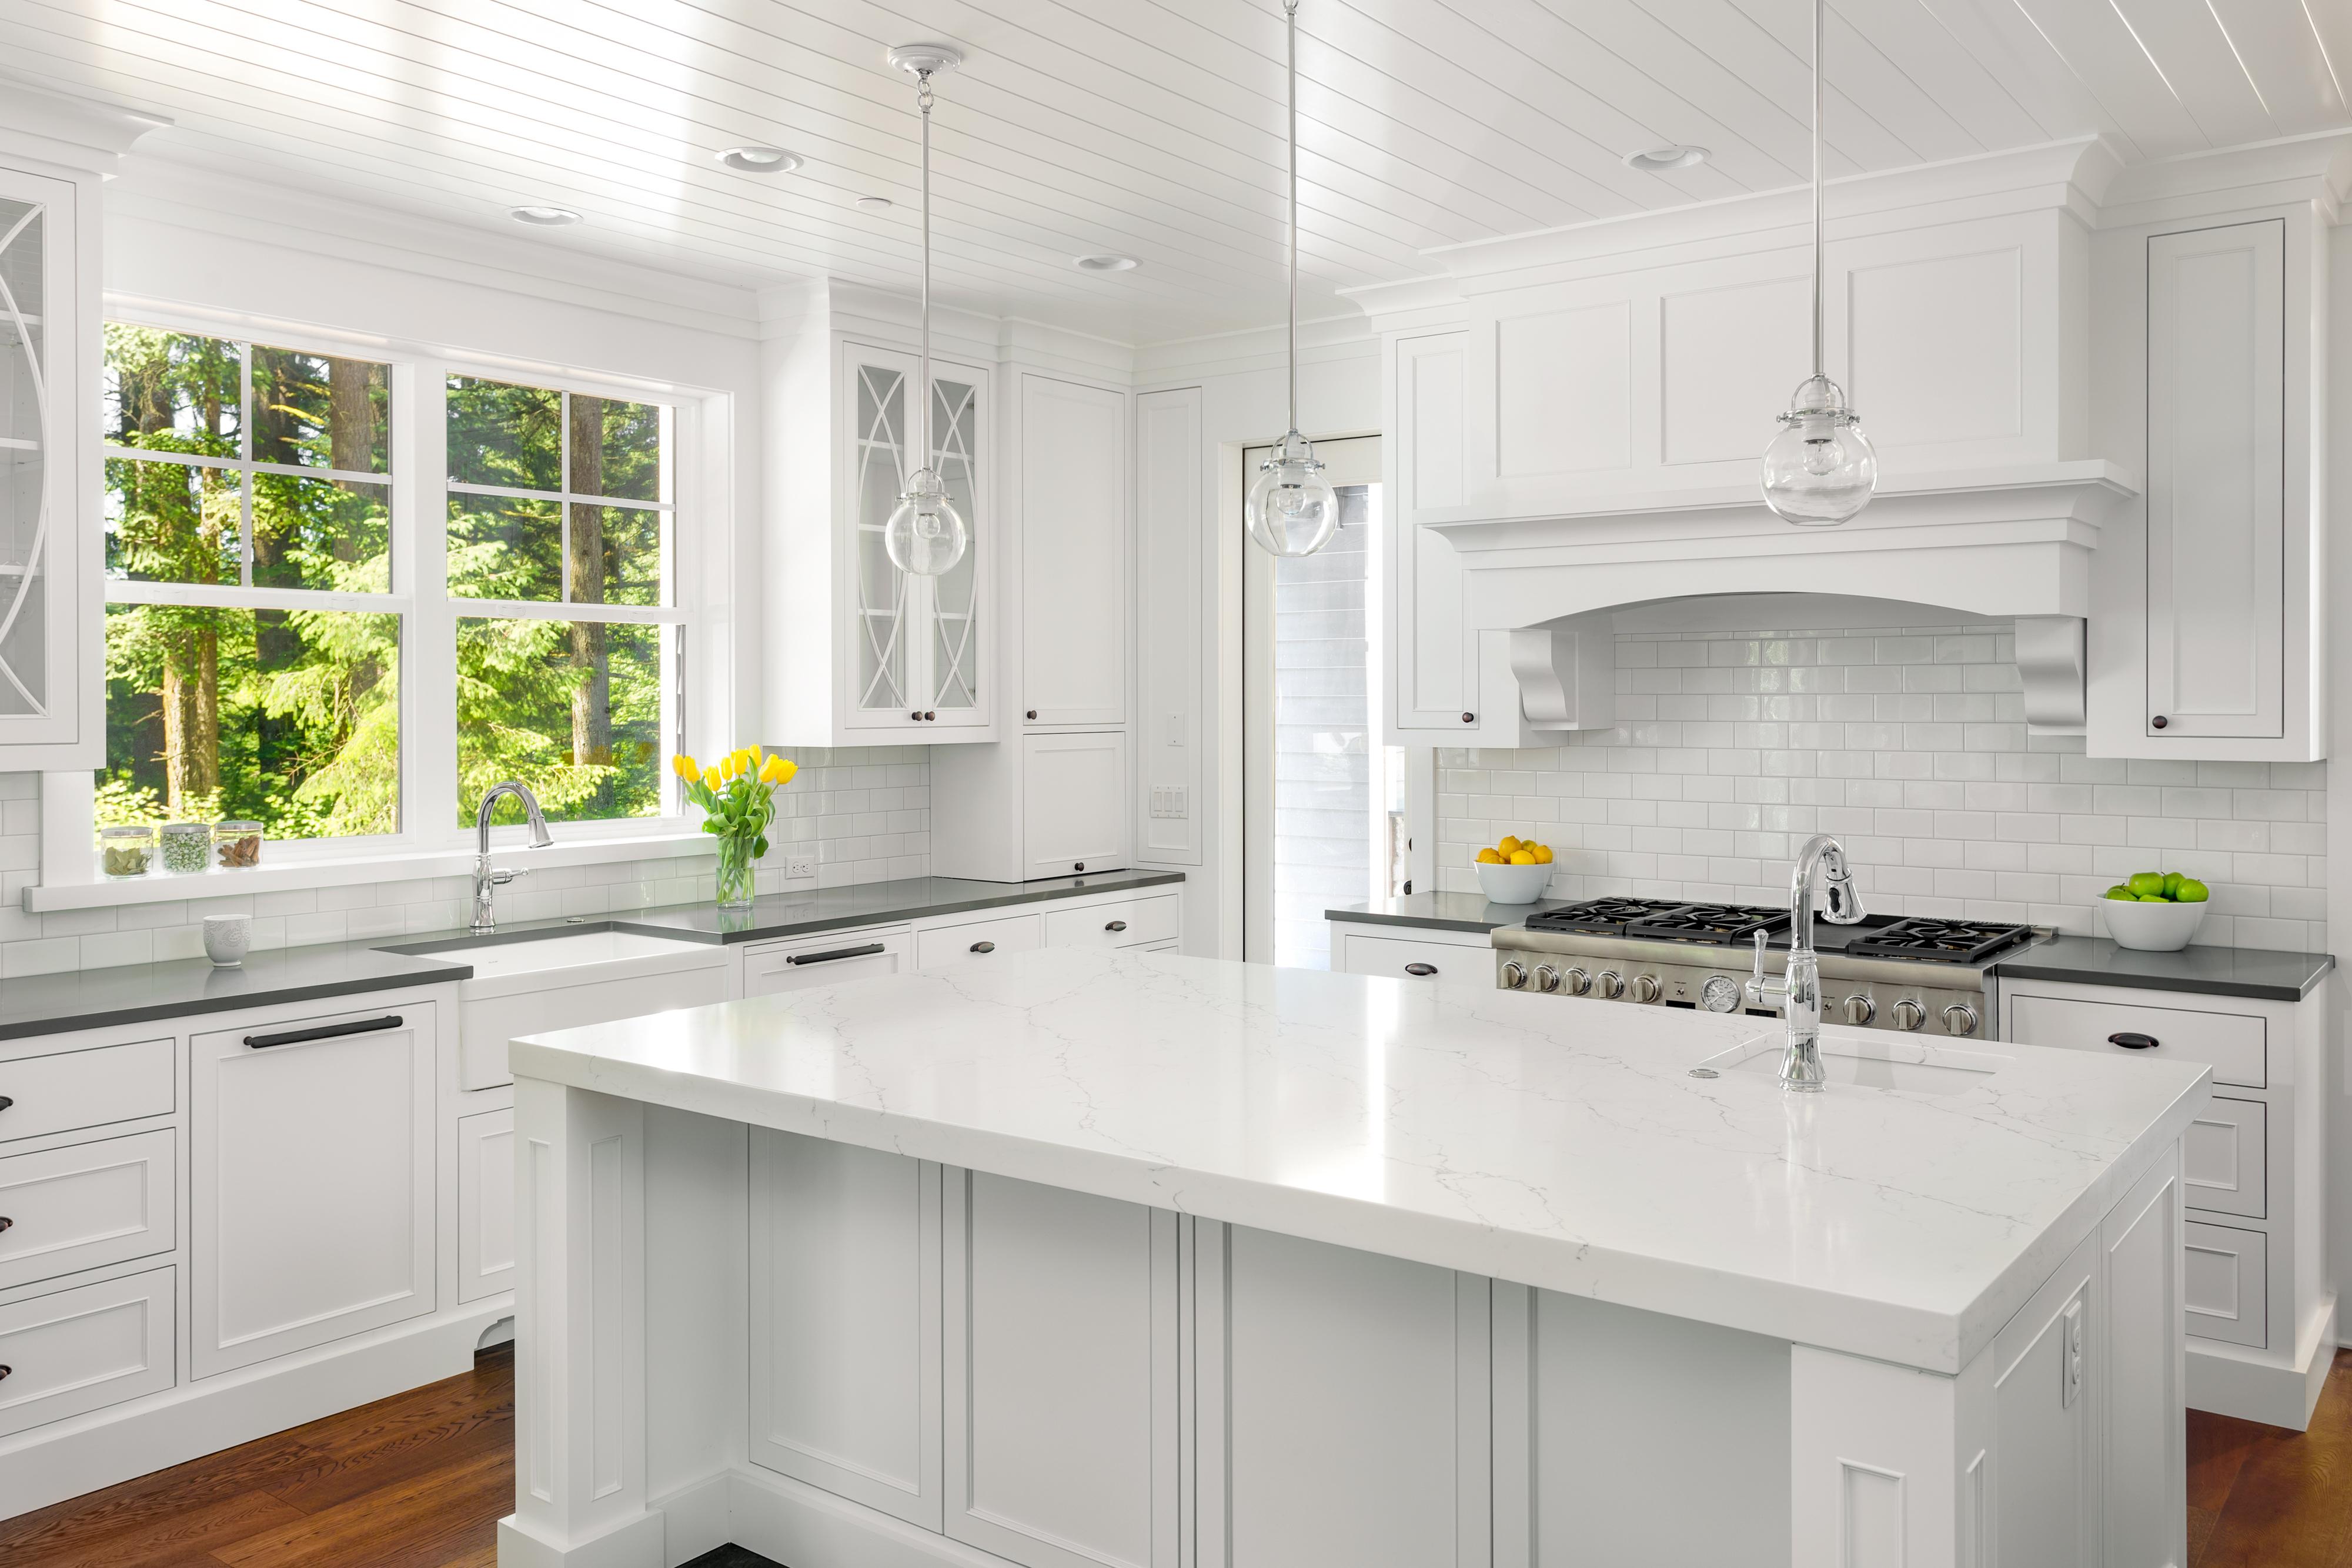 hamptons kitchen design kbl remodelling kbl remodelling